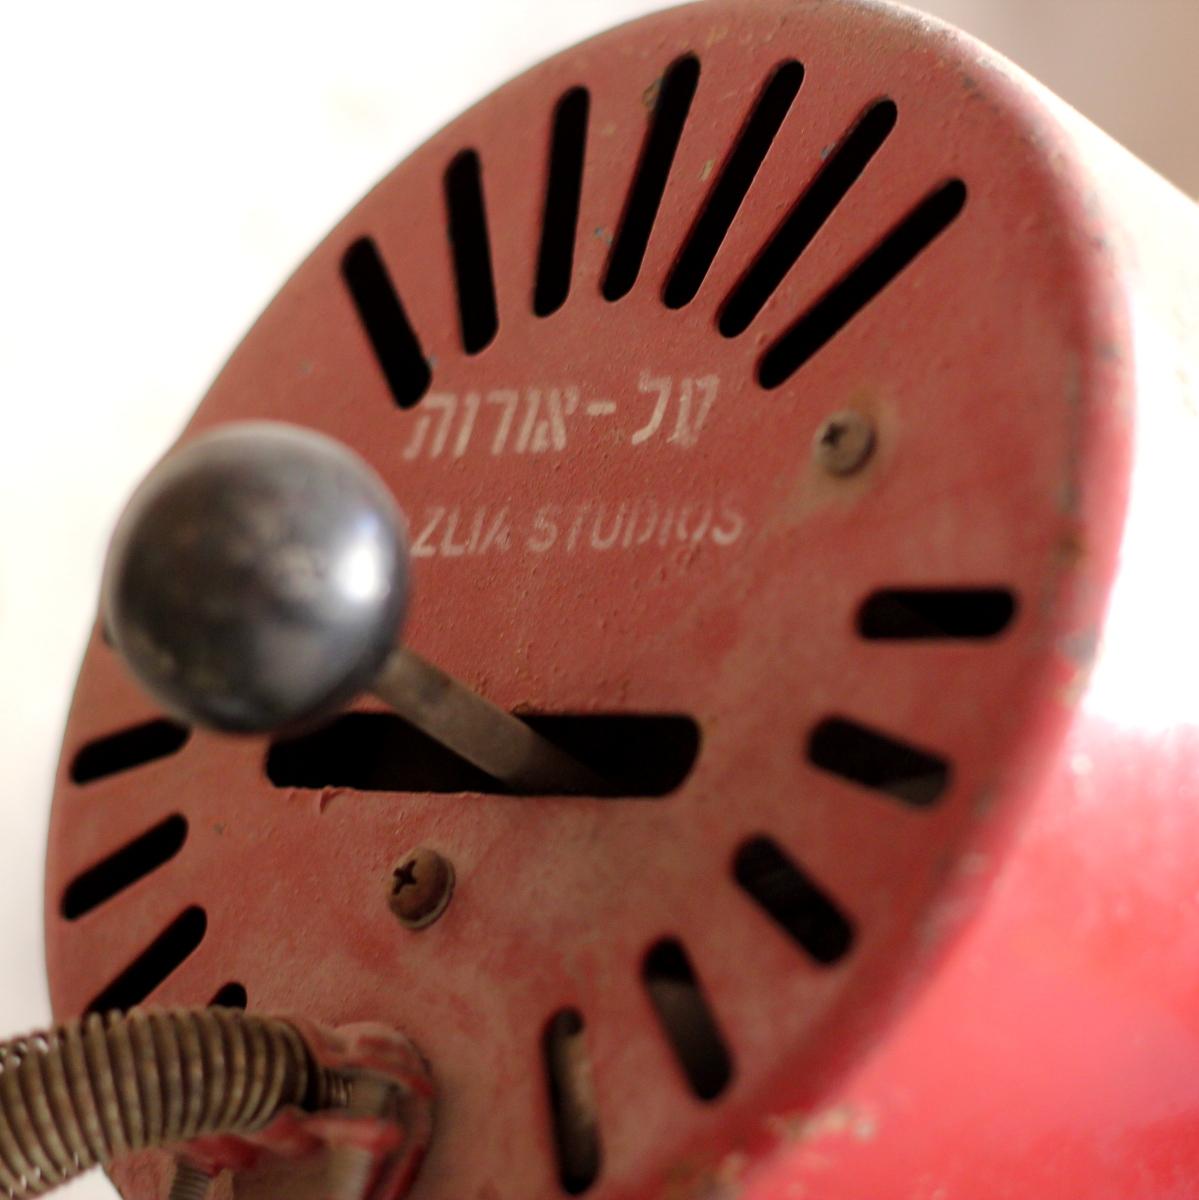 חשמל ישןם שכדאי לבדוק אם עובד לפני שקונים